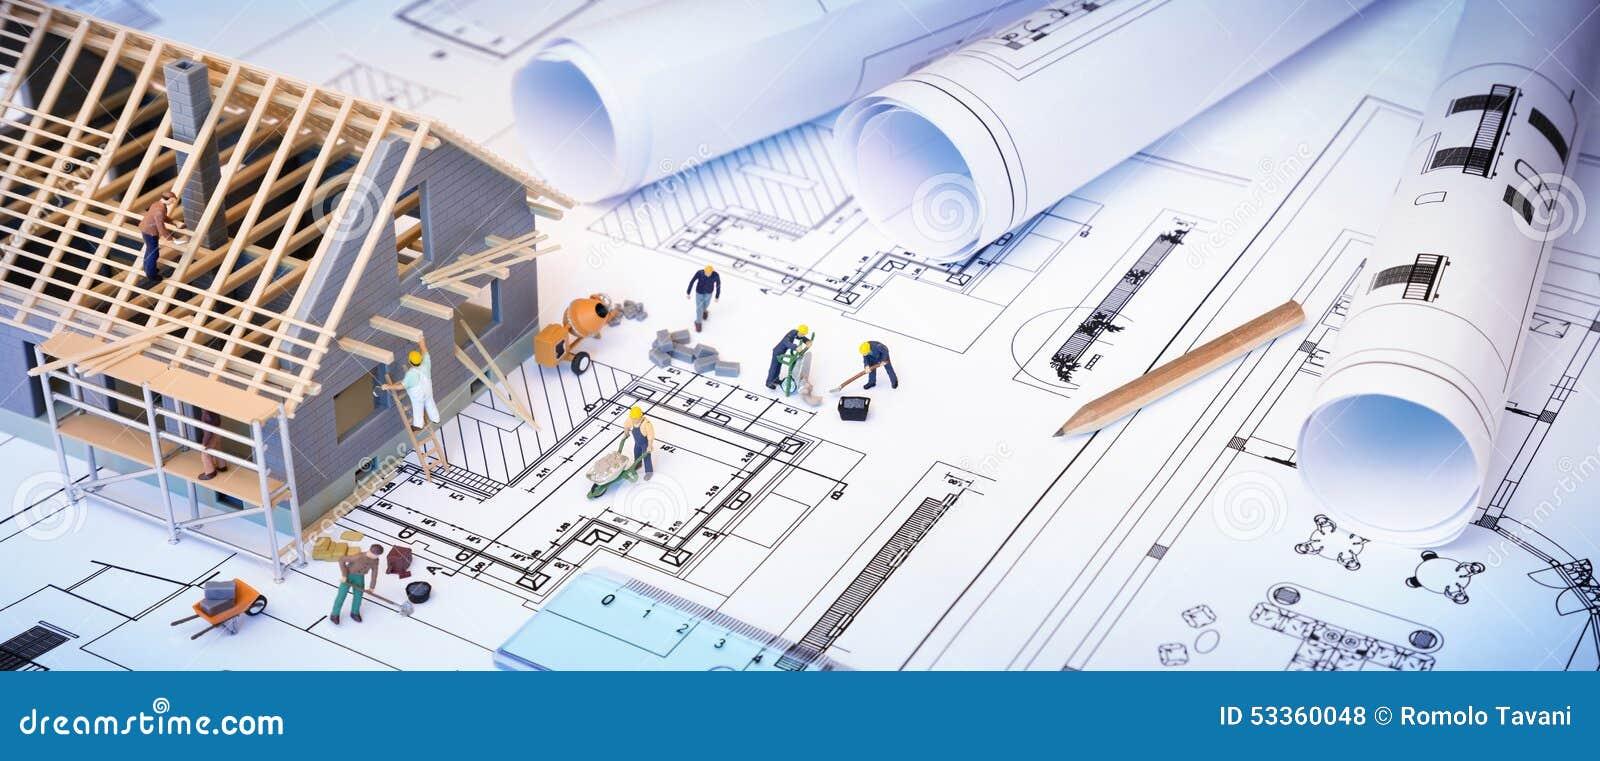 Dom w budowie na projektach